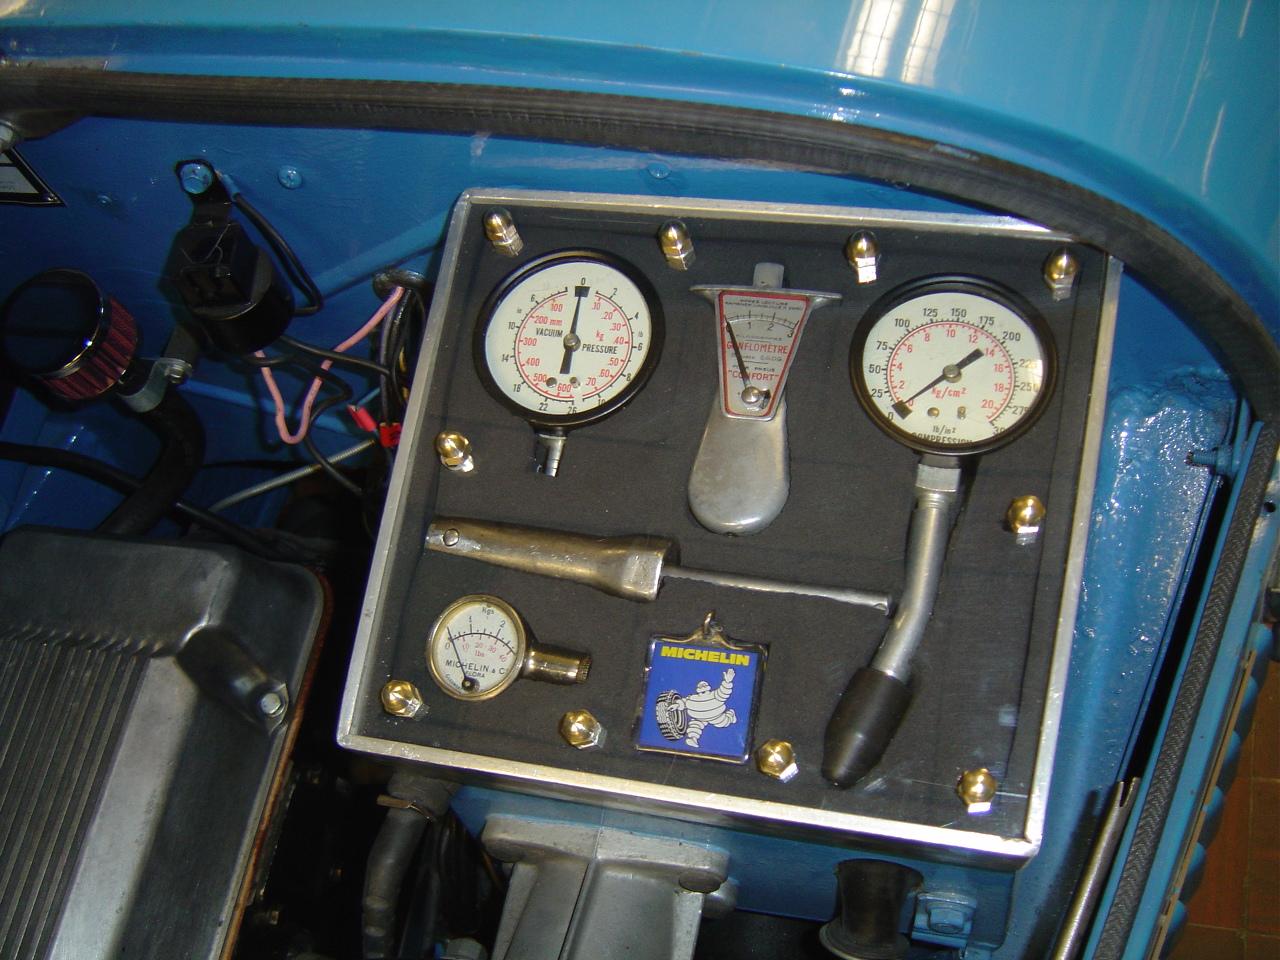 porte outillage bugatti compressiomètre michelin gonflomètre carburateur réglage dépressiomètre